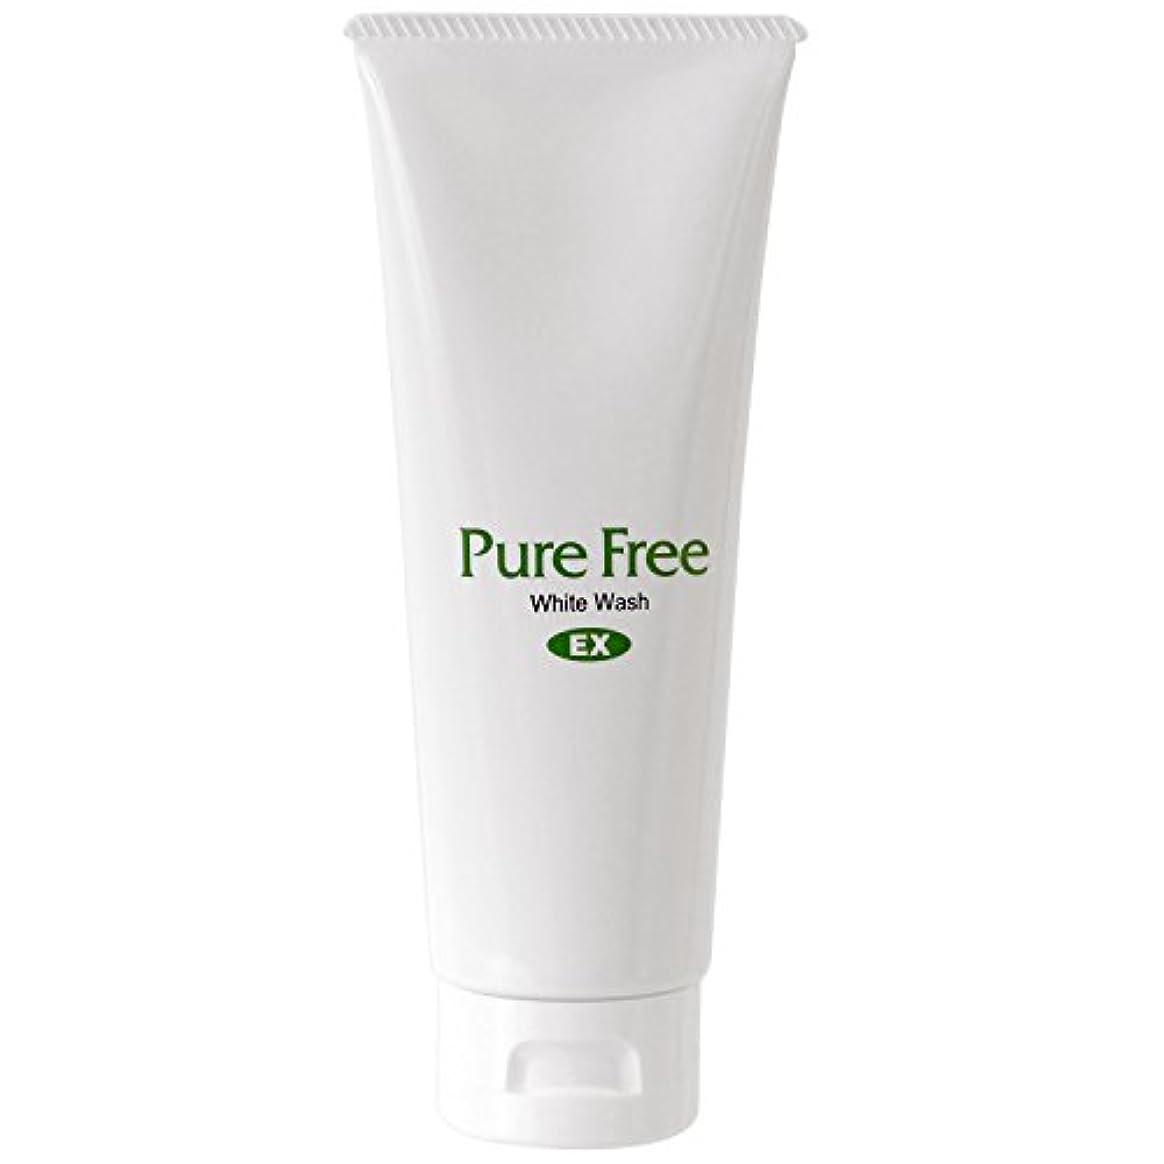 沼地カスケードガードPure Free (ピュアフリー) ホワイトウォッシュEX オーガニック 正規品 洗顔料 (サンプル用意あり)